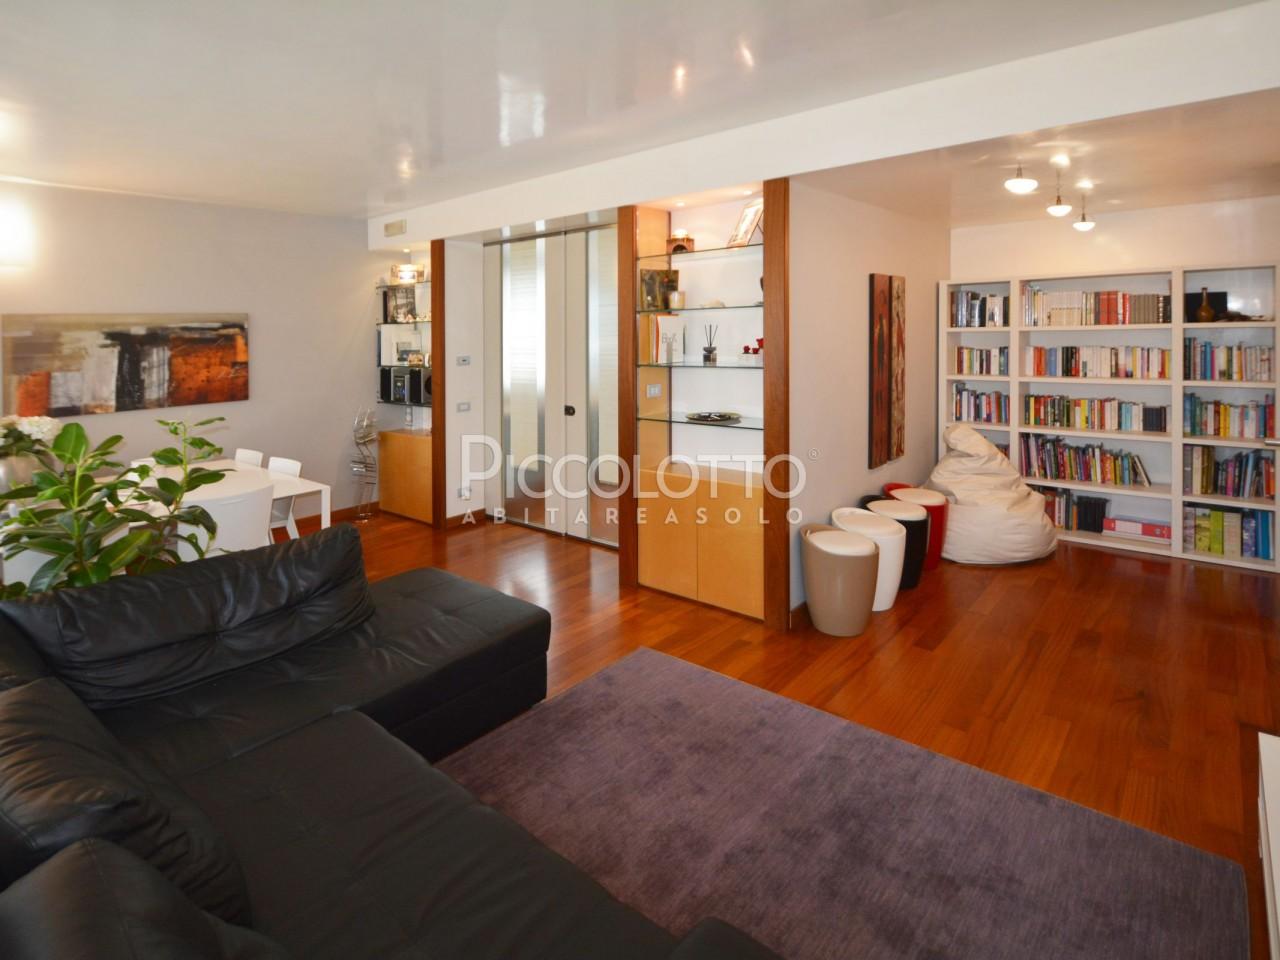 Asolo - Appartamento su due livelli in affitto